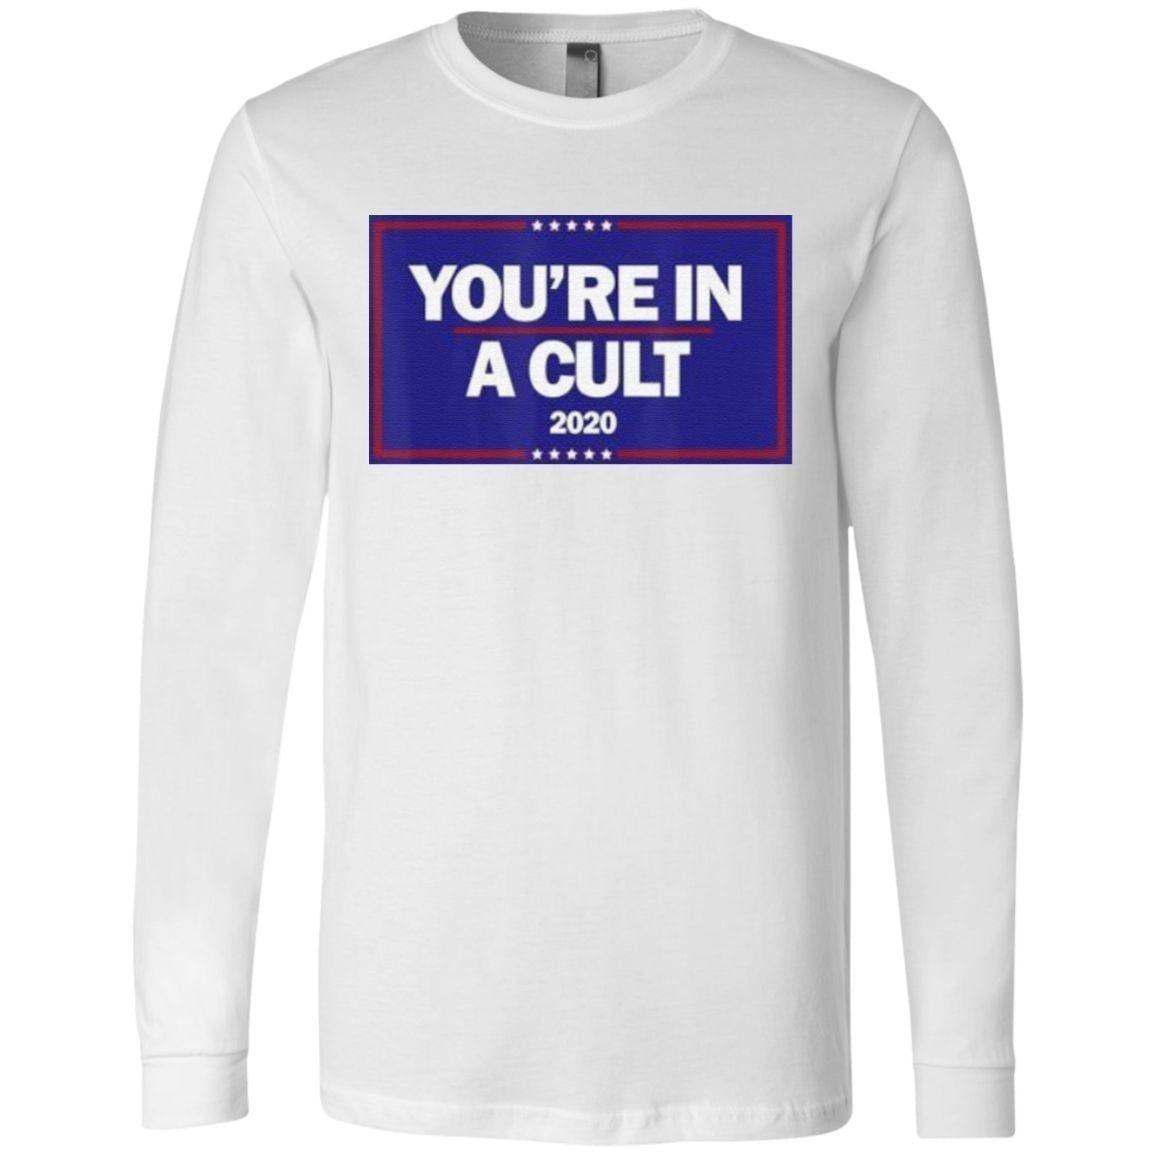 You're In a Cult Anti-Trump 2020 T-Shirt